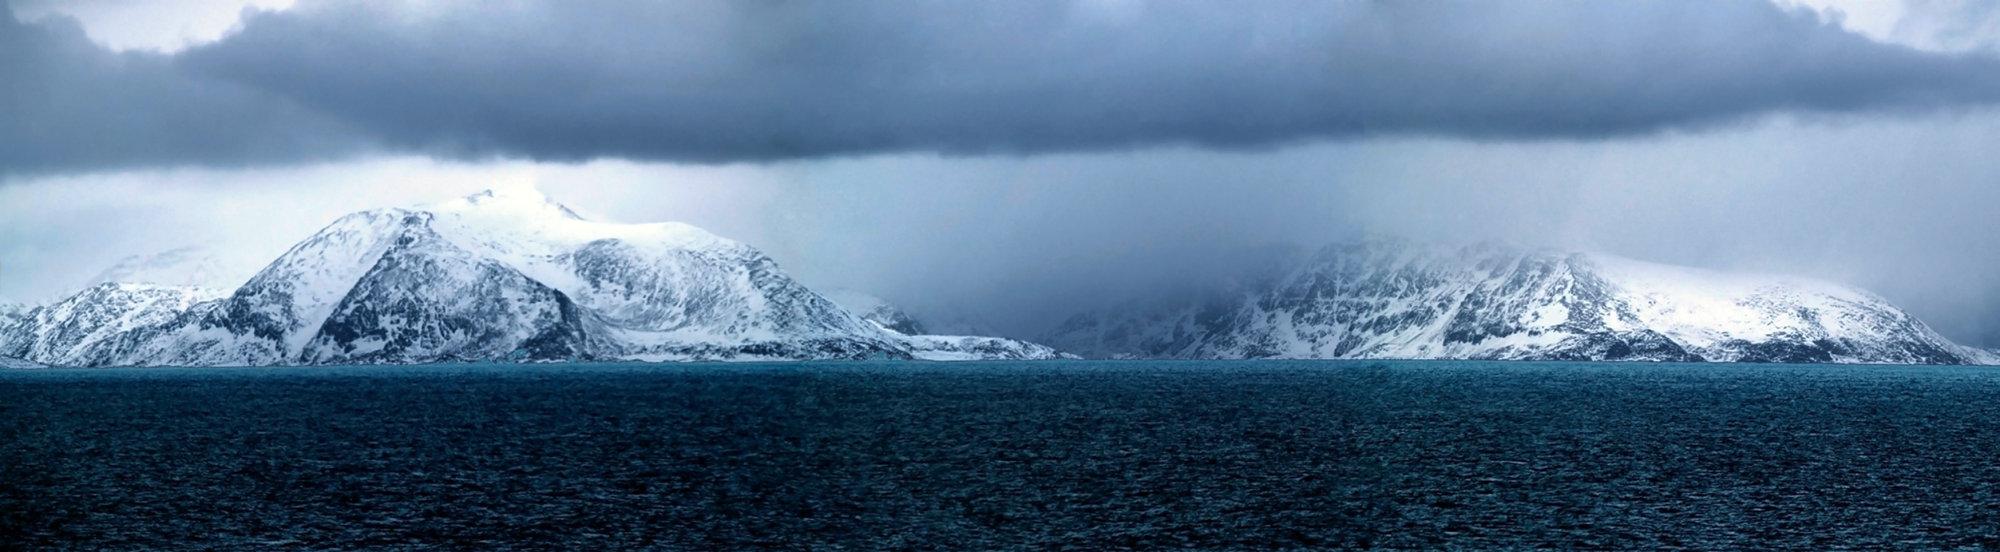 Norway's North Sea coast.